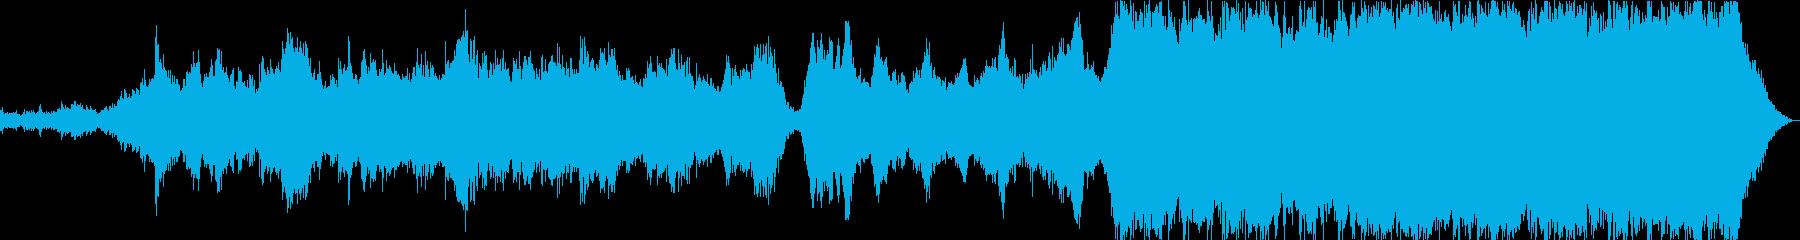 劇的でストレスの多い中世。サウンド...の再生済みの波形